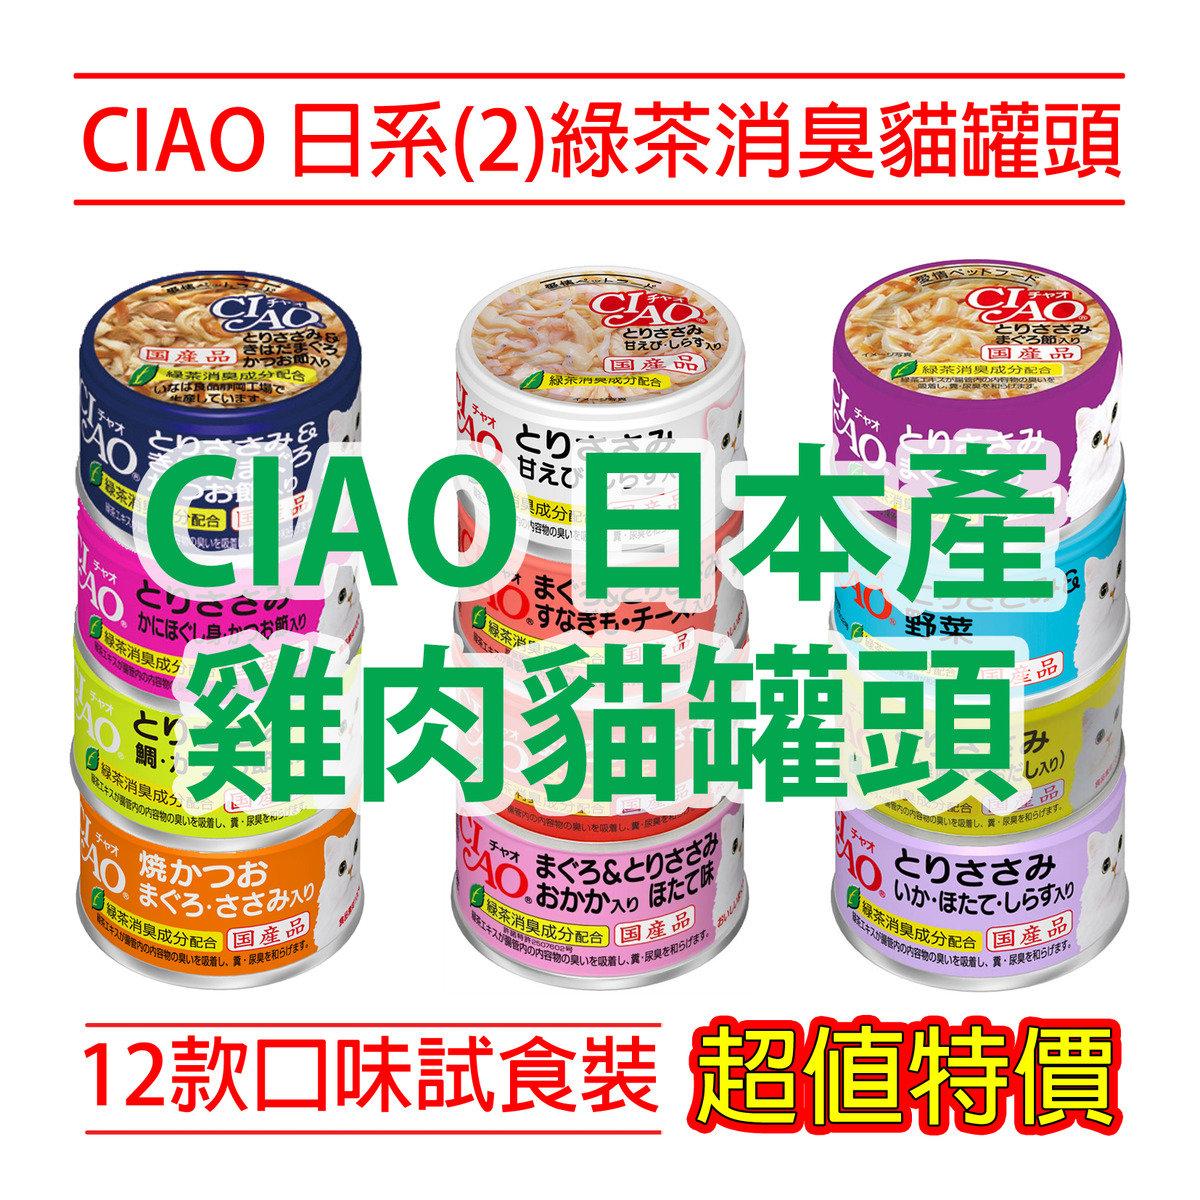 CIAO 日系(2)綠茶消臭貓罐頭